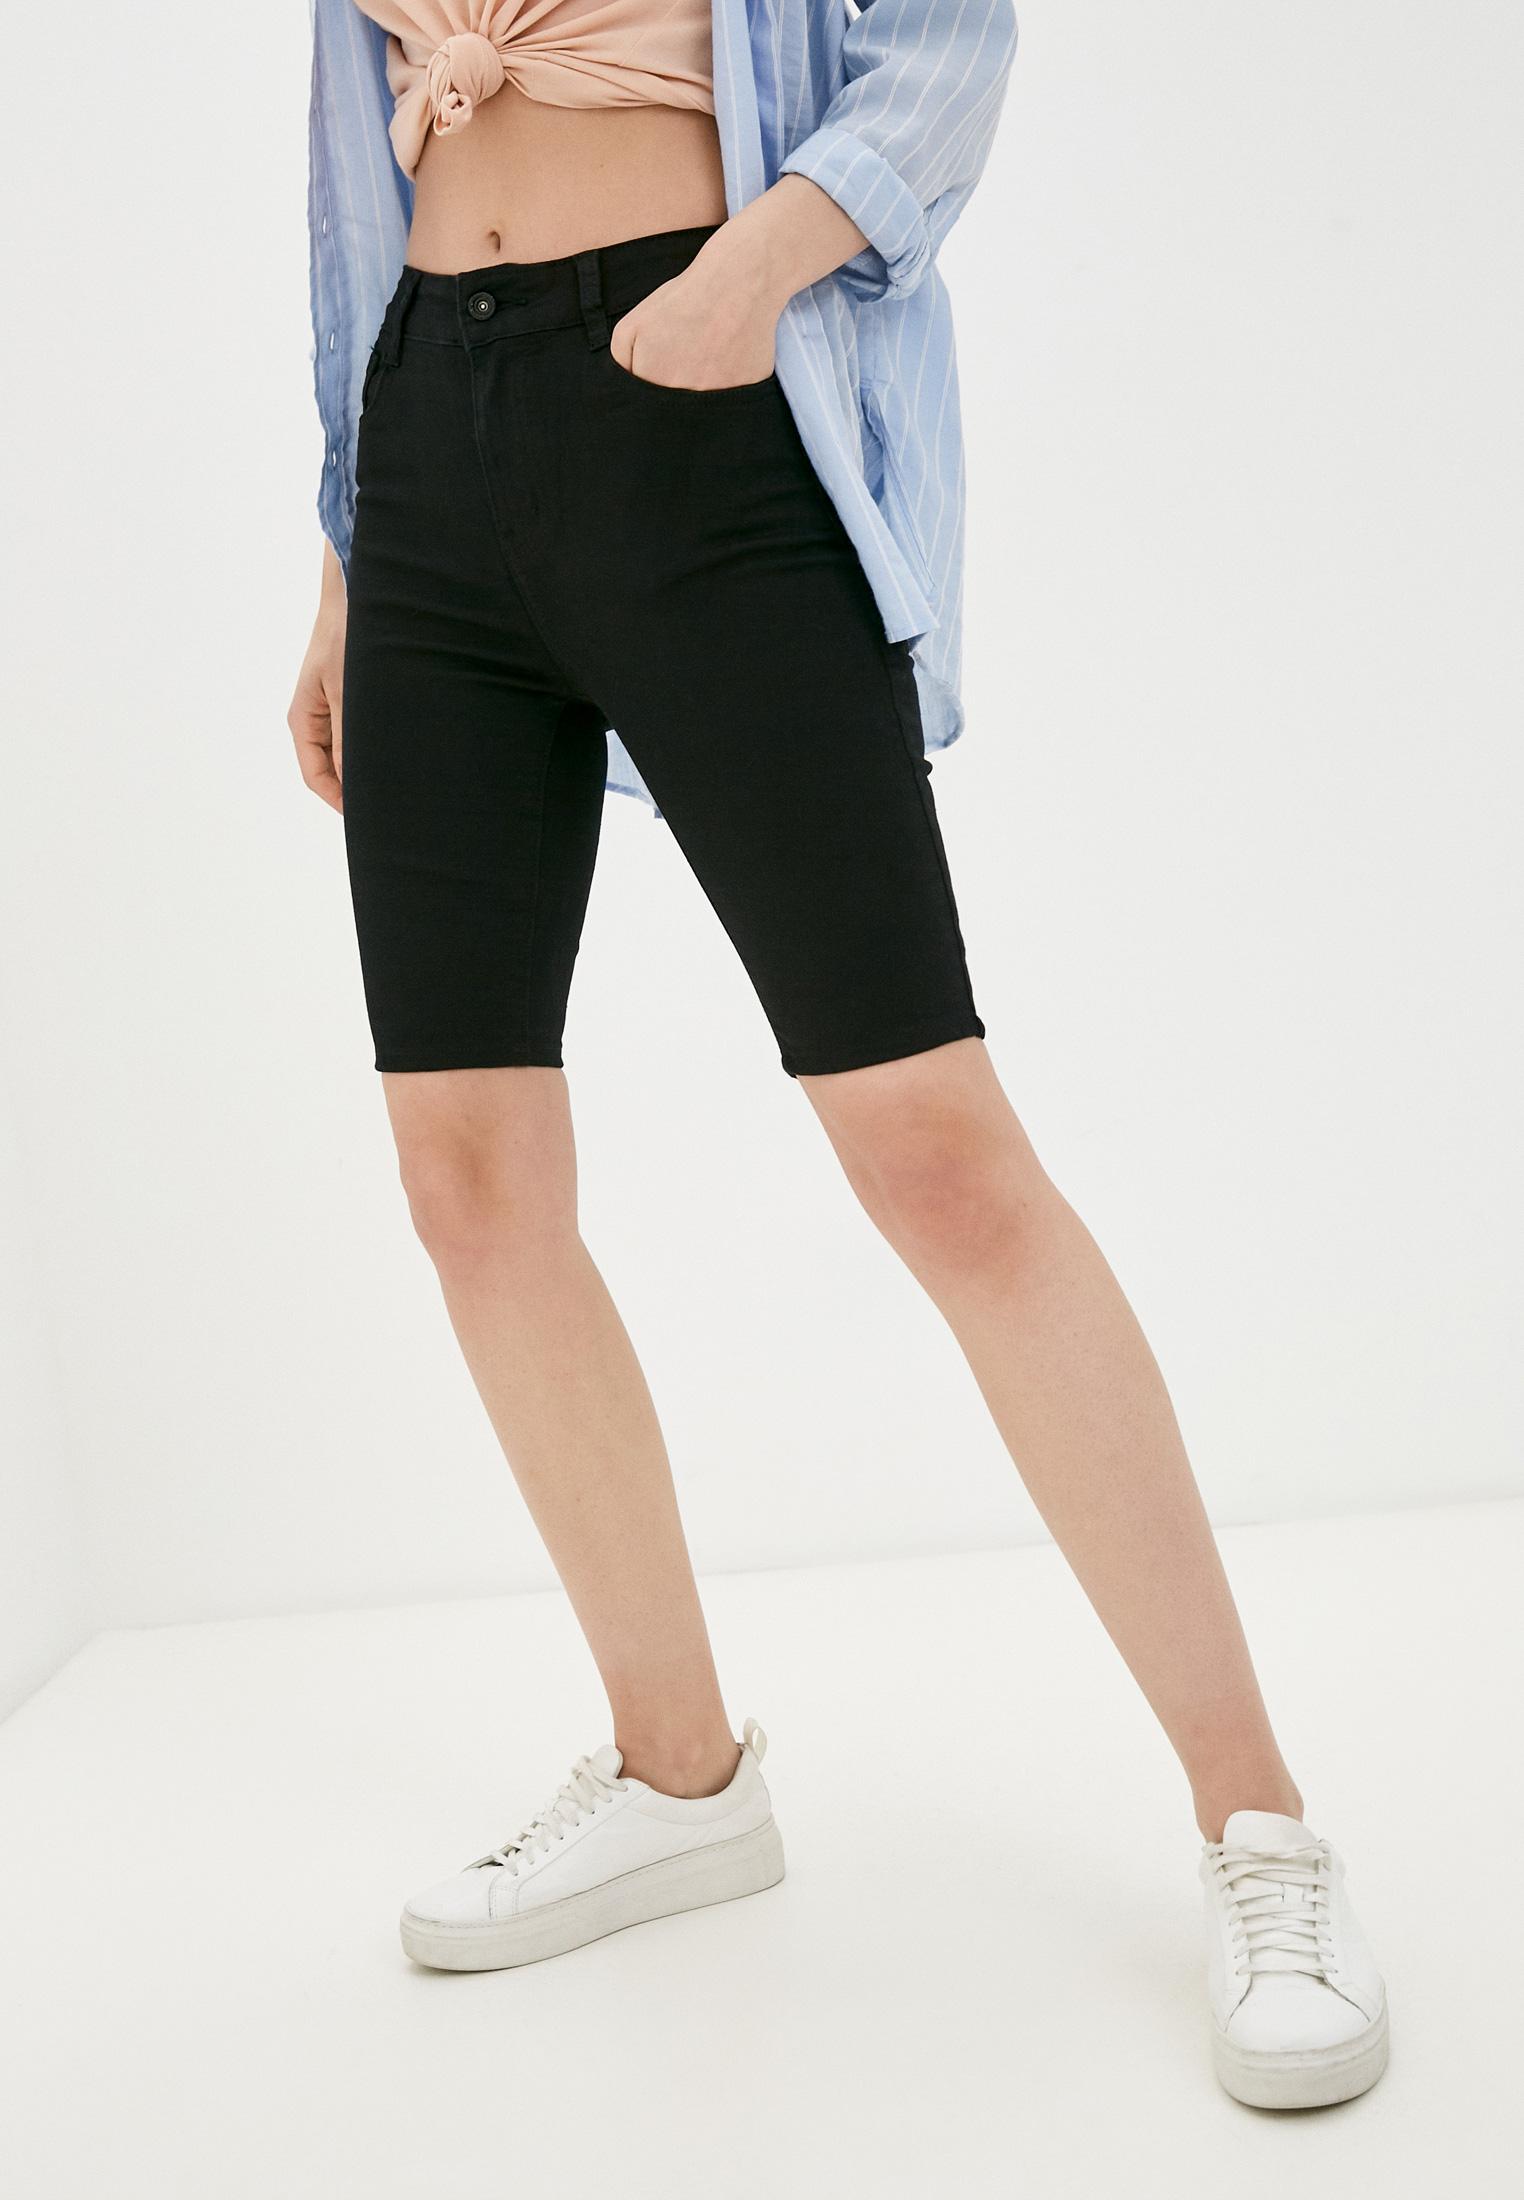 Женские джинсовые шорты G&G Шорты джинсовые G&G